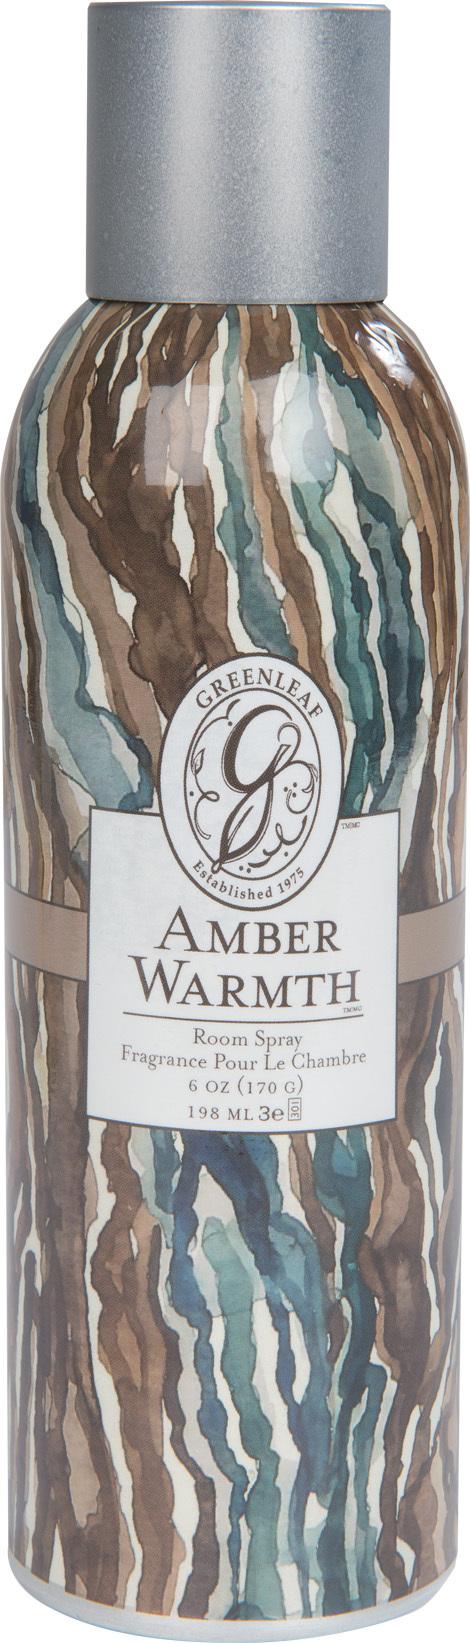 Greenleaf Prostorová vůně ve spreji Amber Warmth